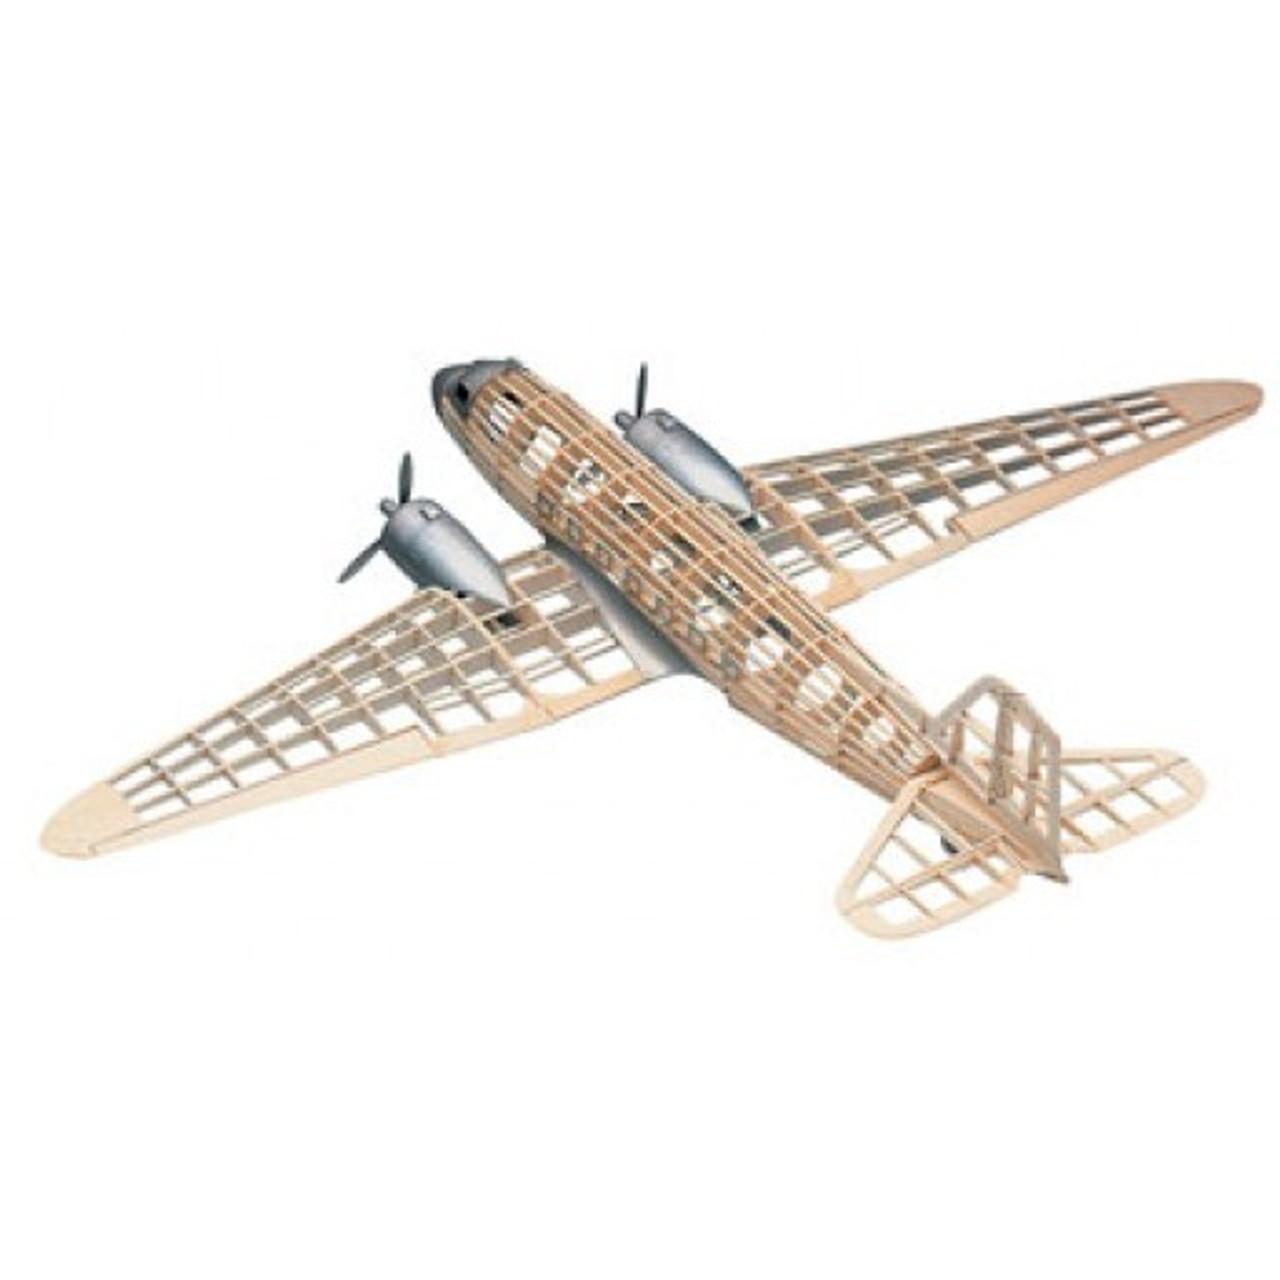 Balsa Wood Airplane Models